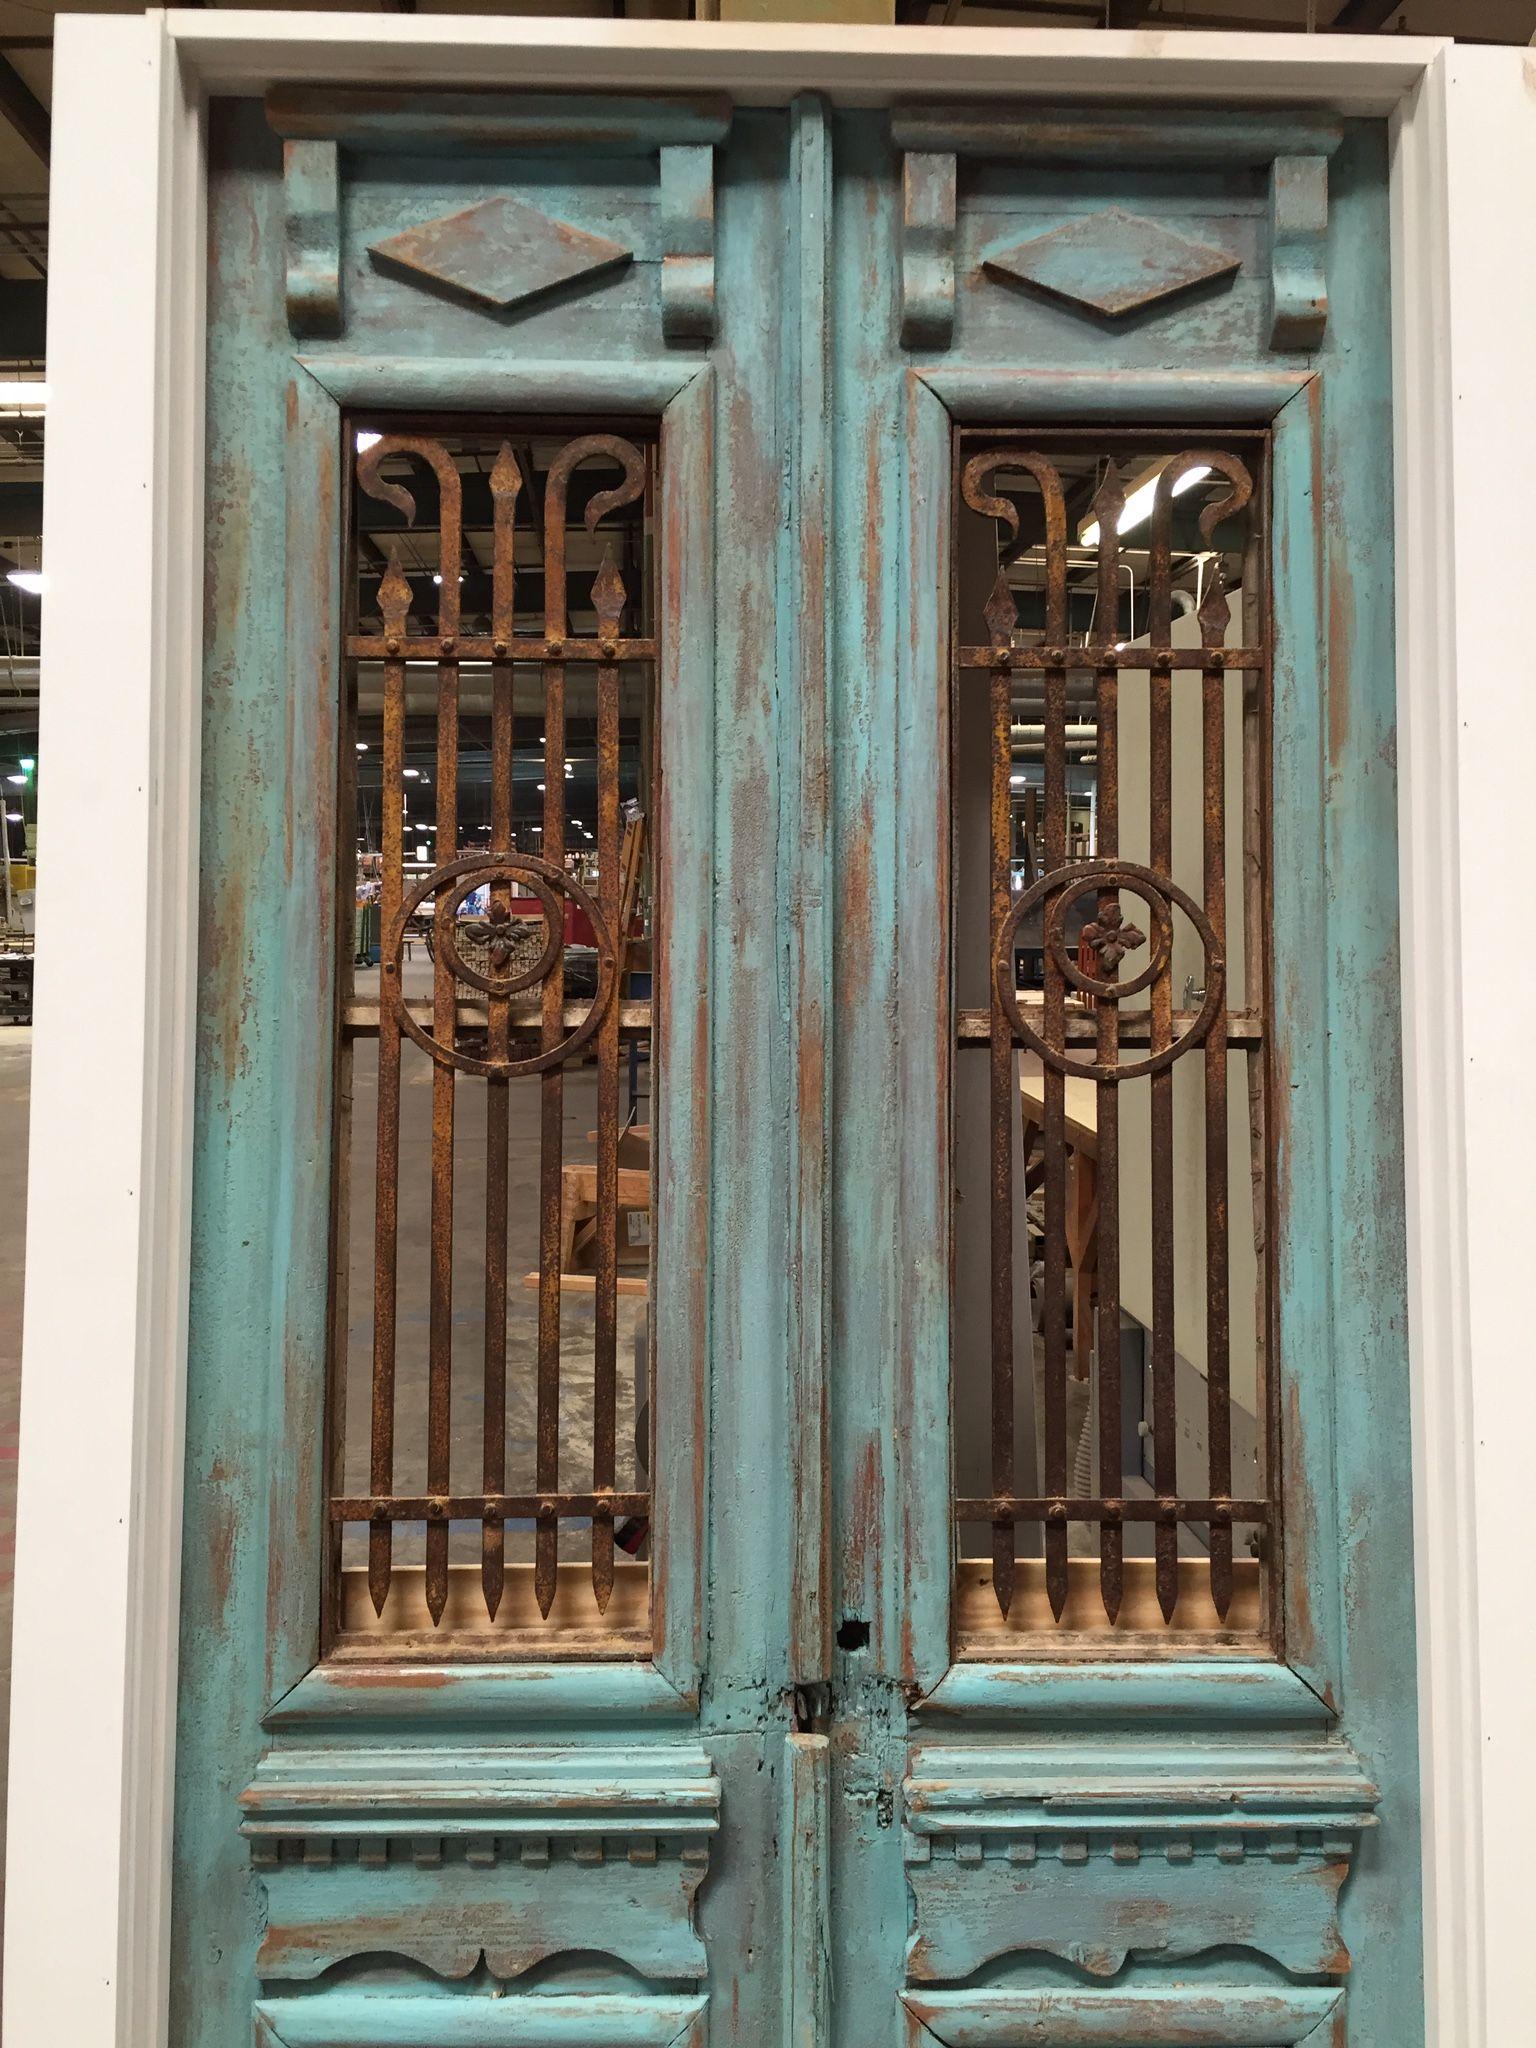 Customers Antique door slabs installed in a interior door frame. - Customers Antique Door Slabs Installed In A Interior Door Frame